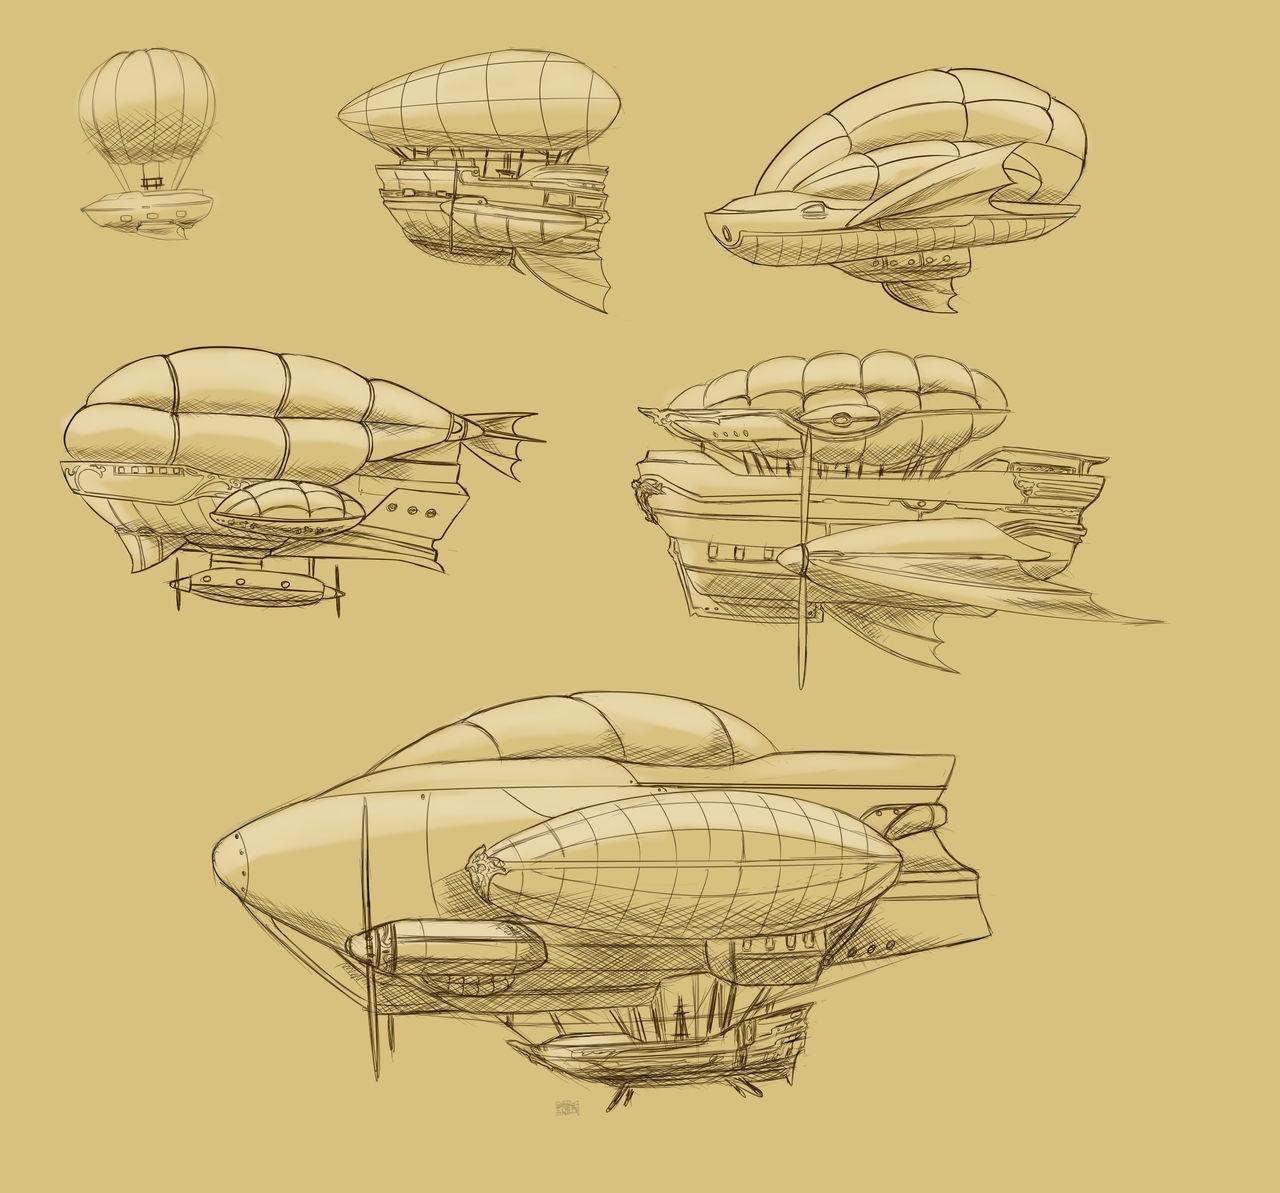 airship_designs_by_obsidiantrance_ddu235